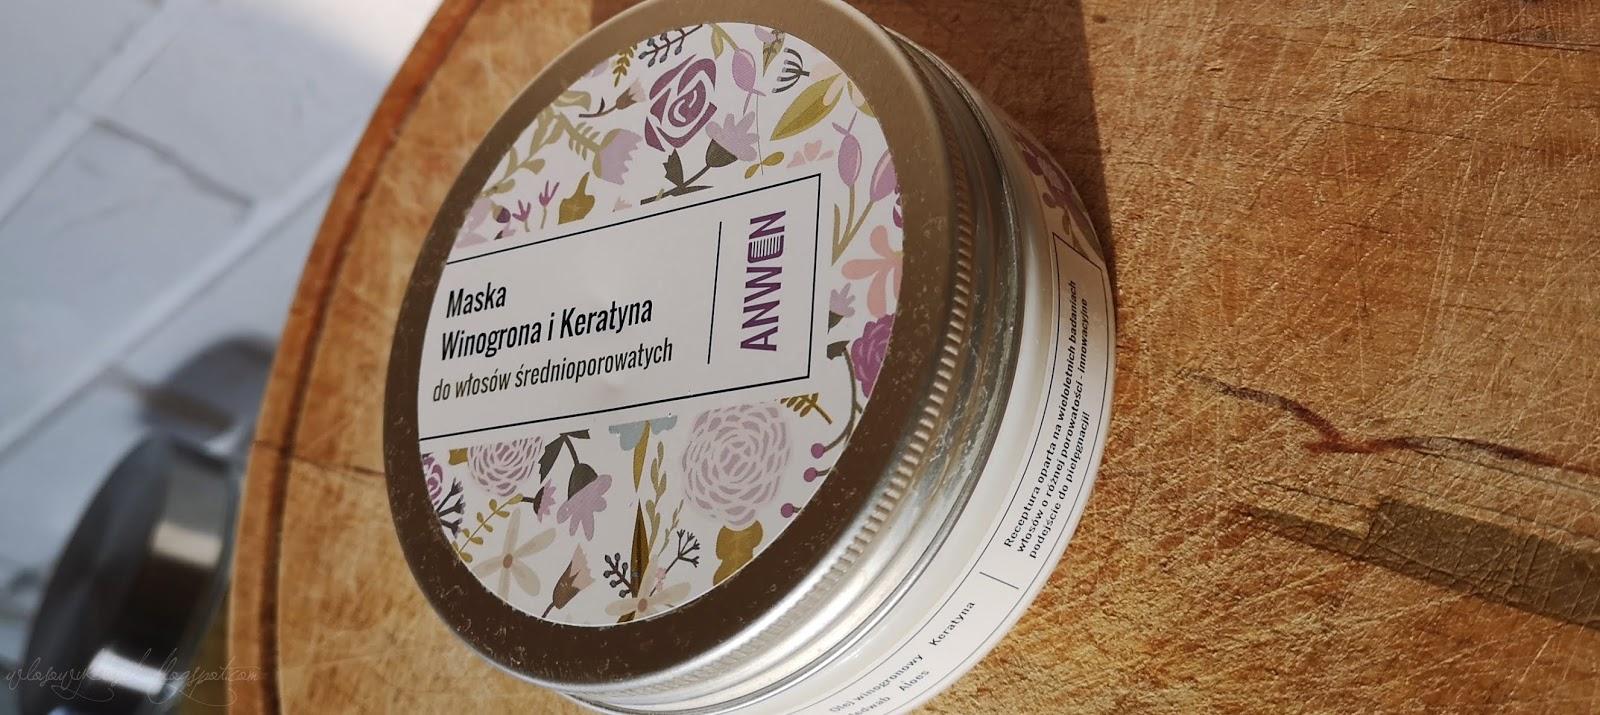 Recenzja #17  Czy warto kupić maskę od Anwen? // Maska winogrona i keratyna dla włosów średnioporowatych